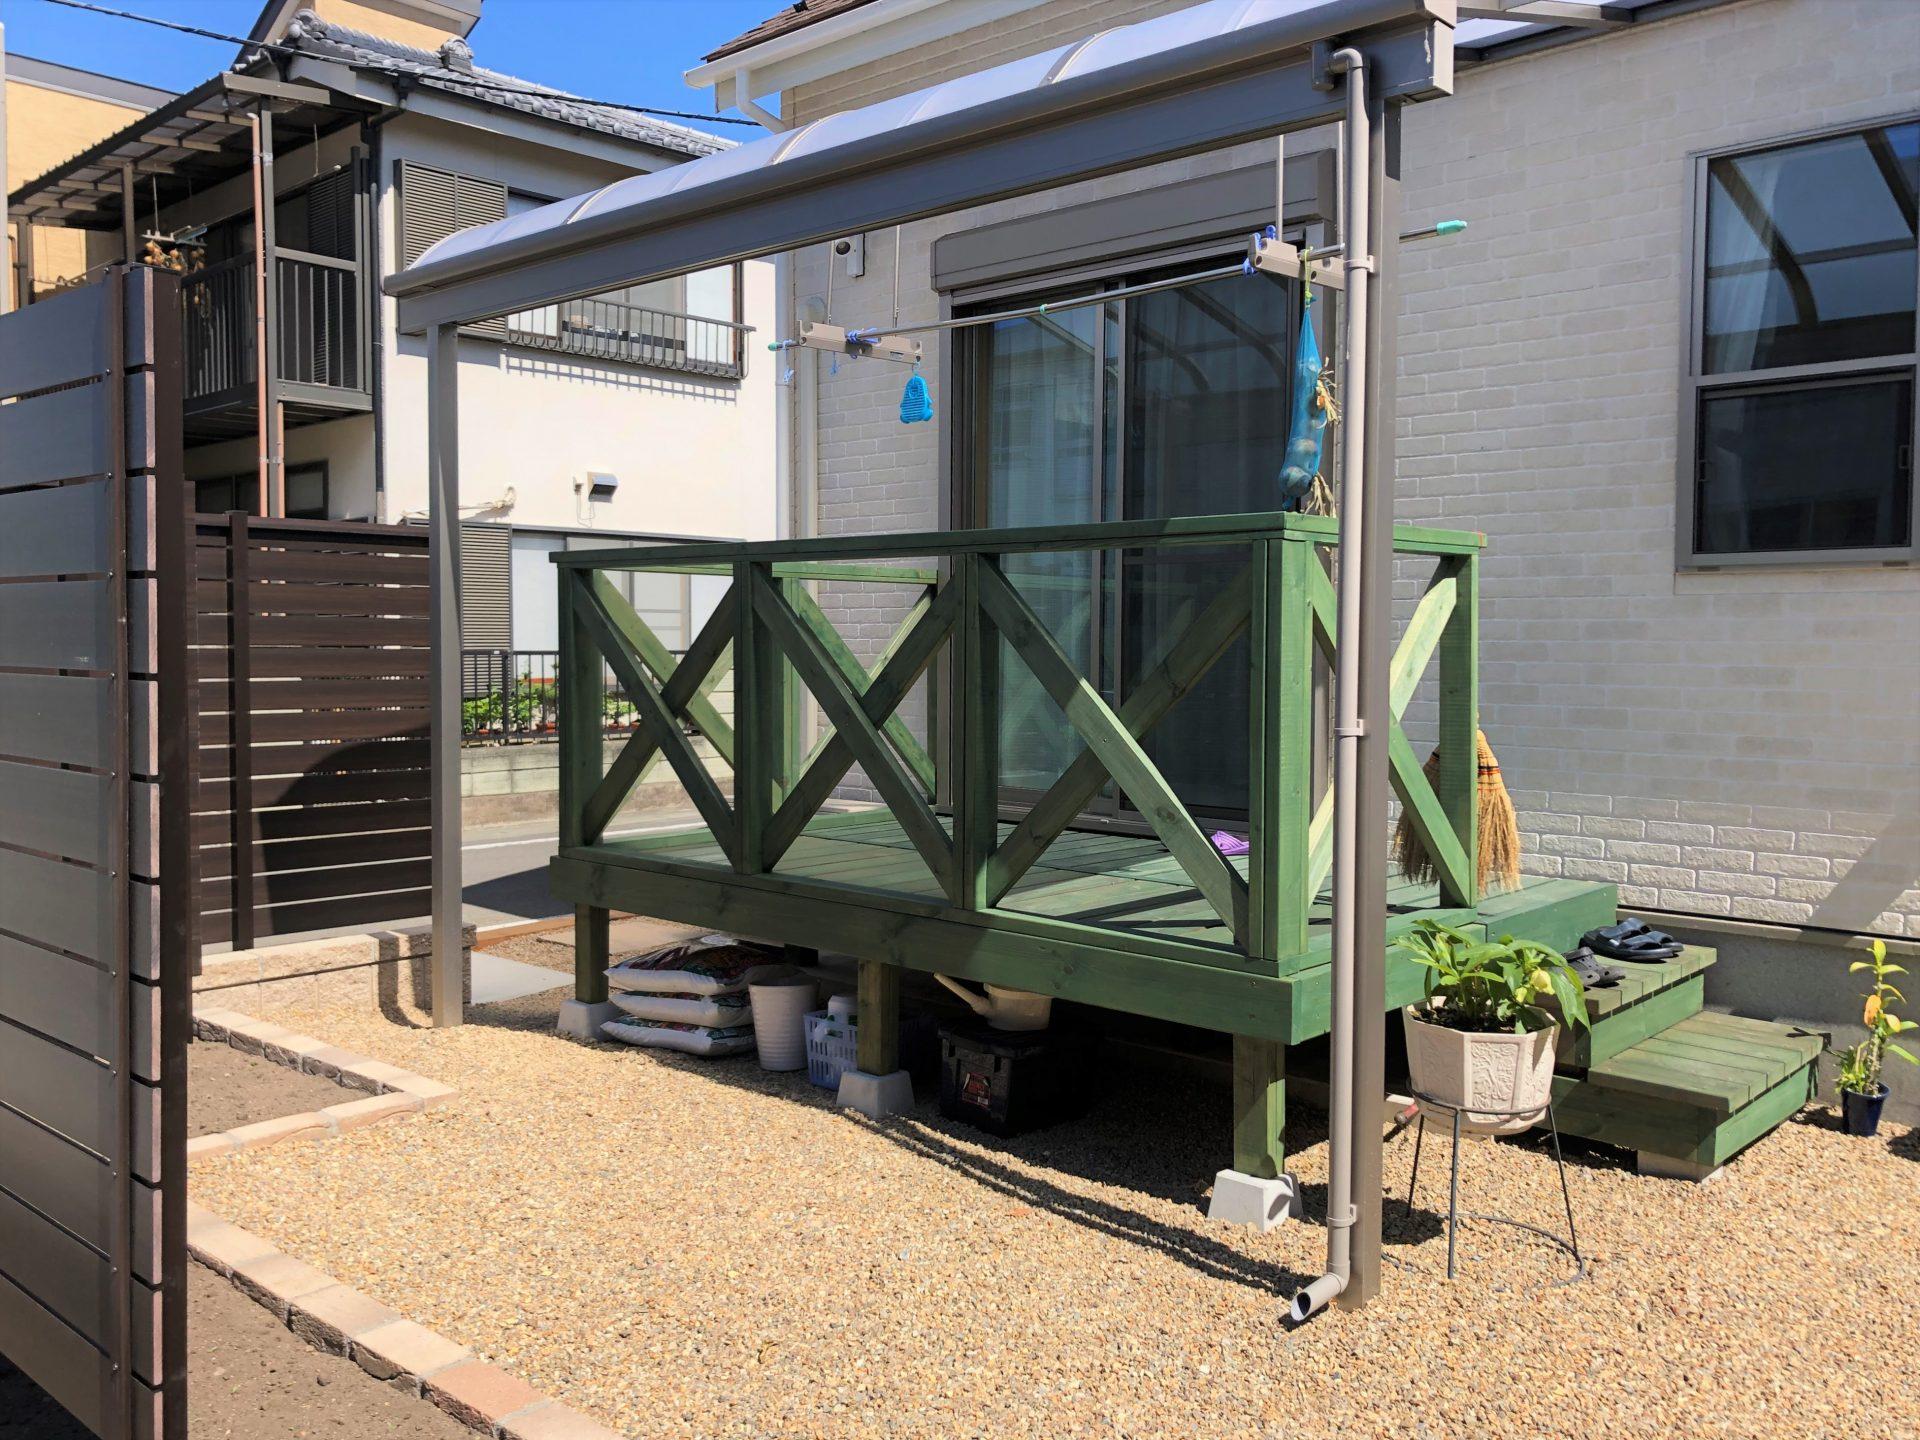 ウッドデッキと雨除けテラスの庭の写真